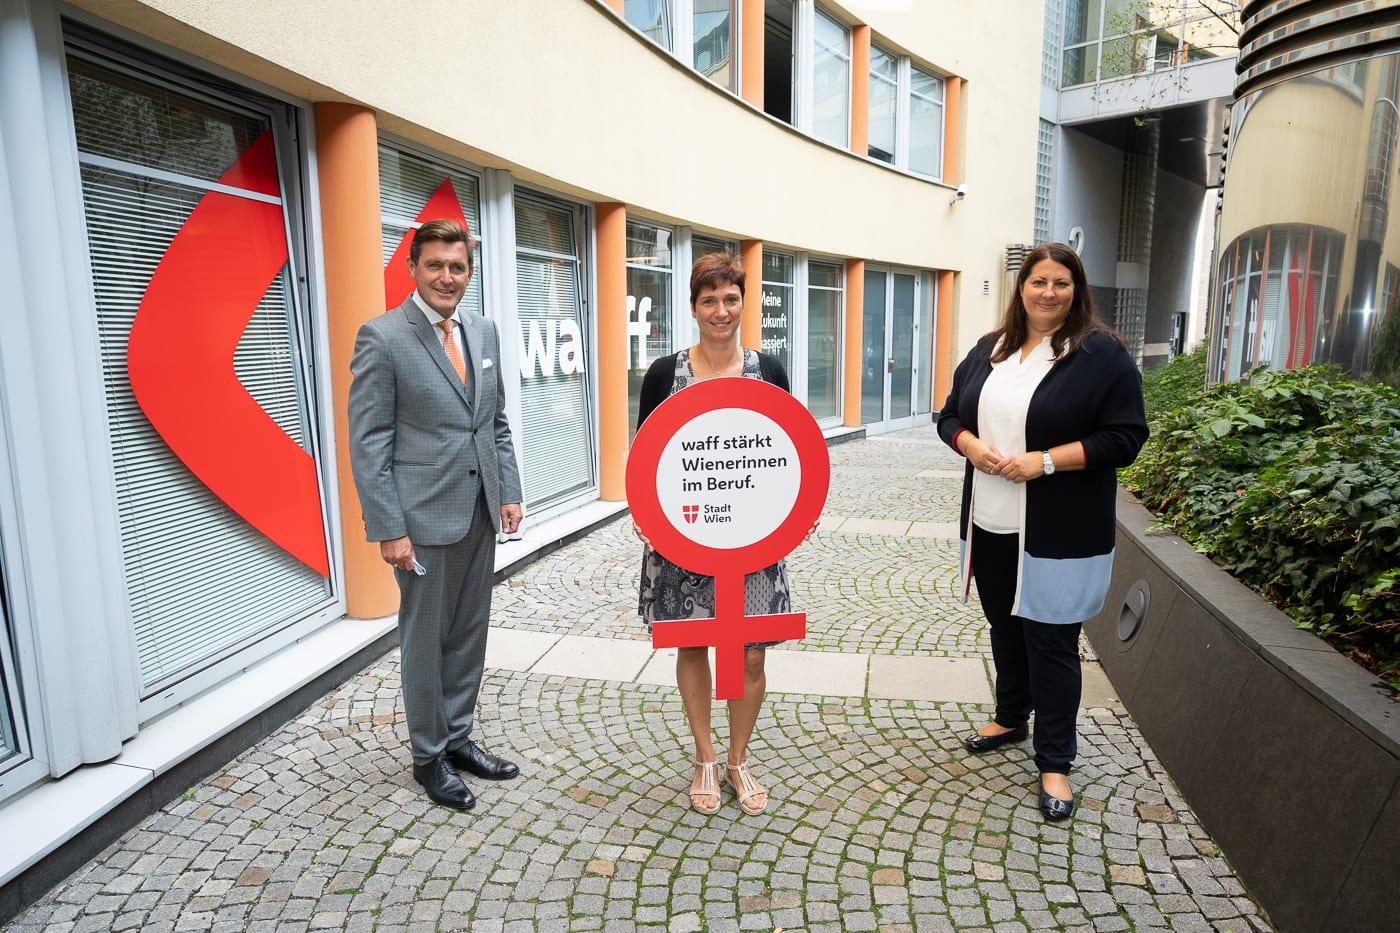 Stadträtin Kathrin Gaal und Stadtrat Peter Hanke mit waff Kundin Klaudija Leisentritt im Hof des waff